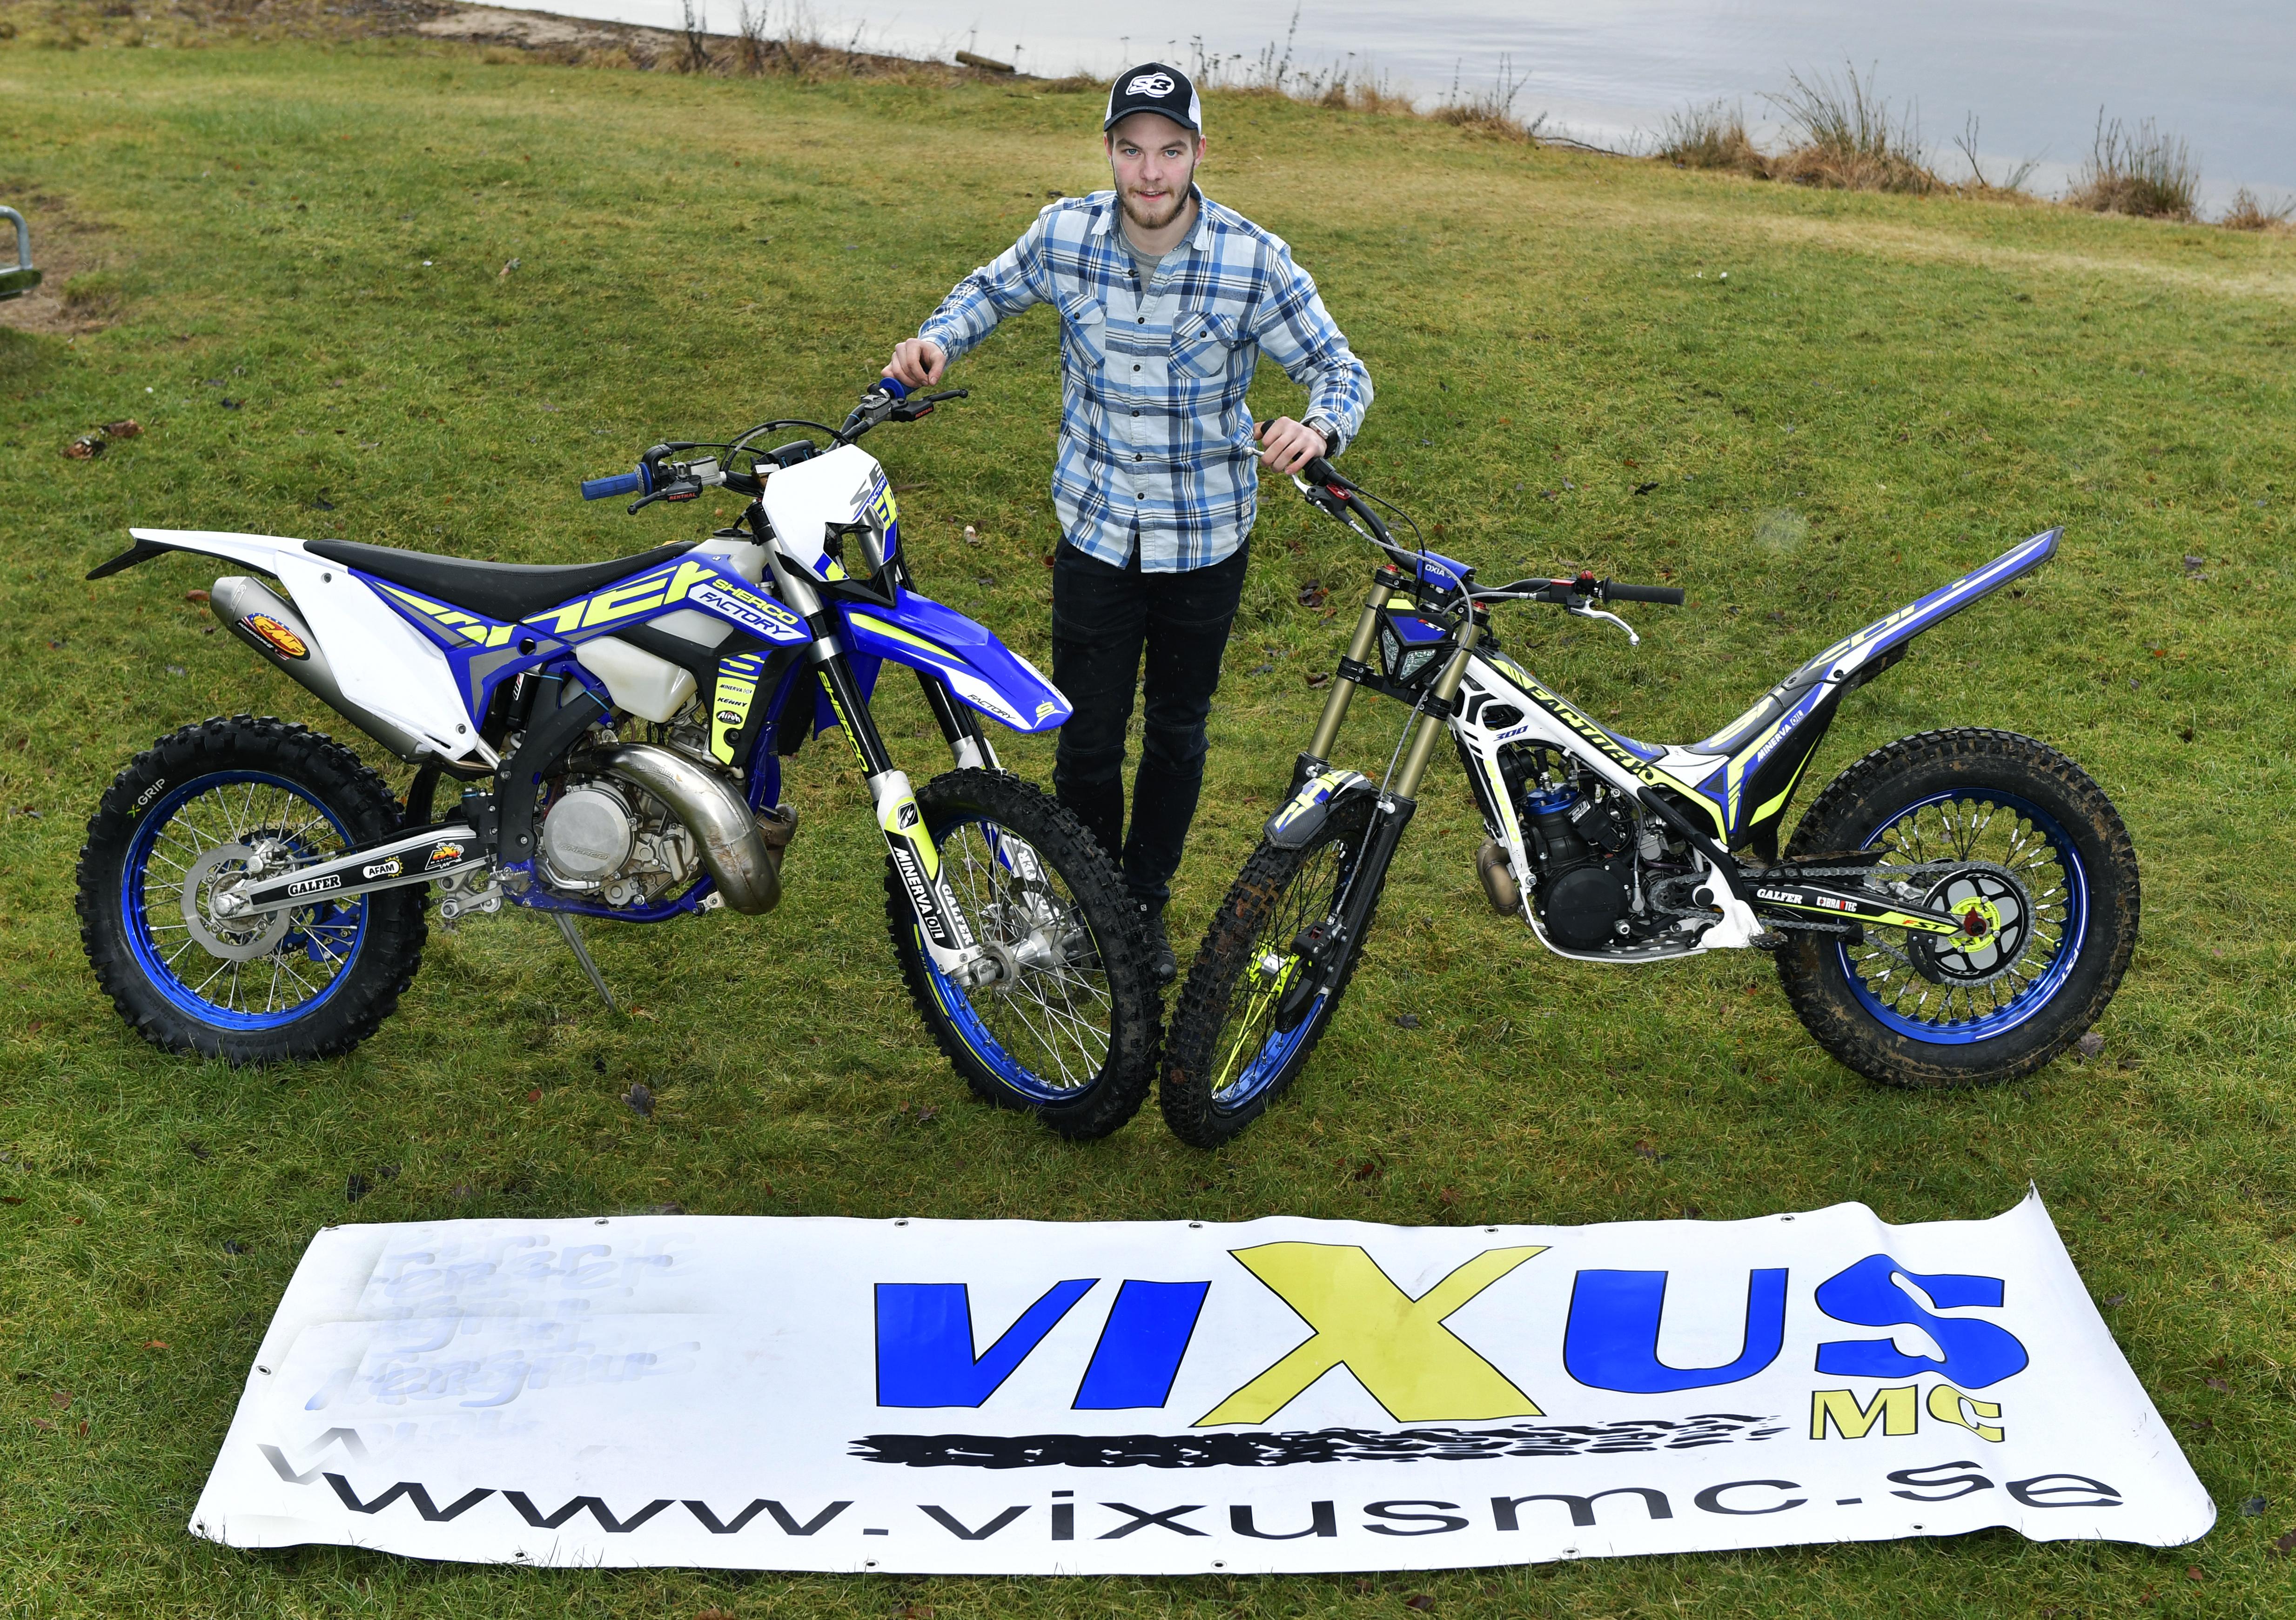 Eddie Karlsson Team Vixus